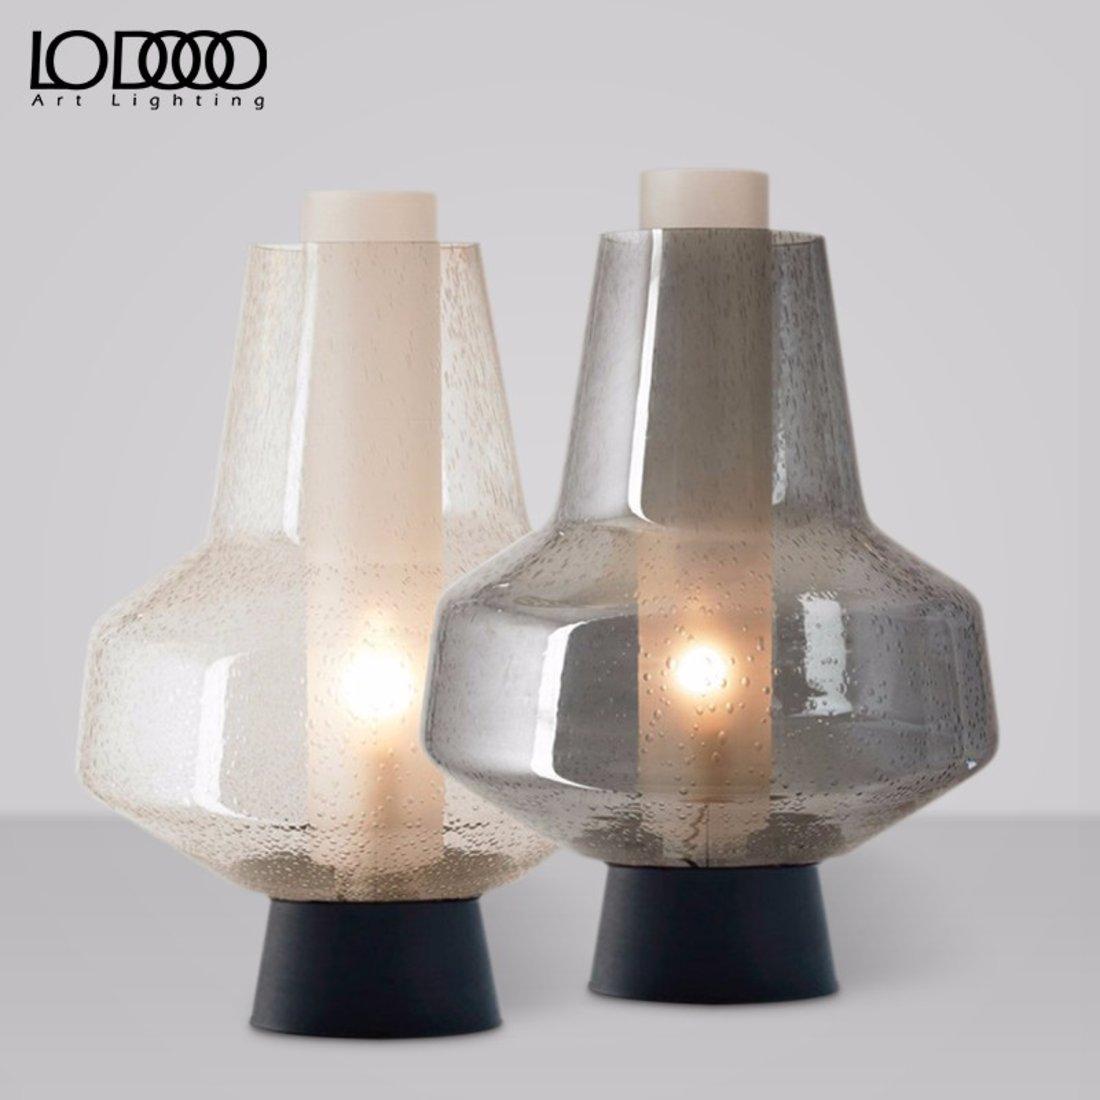 北欧复古气泡玻璃台灯